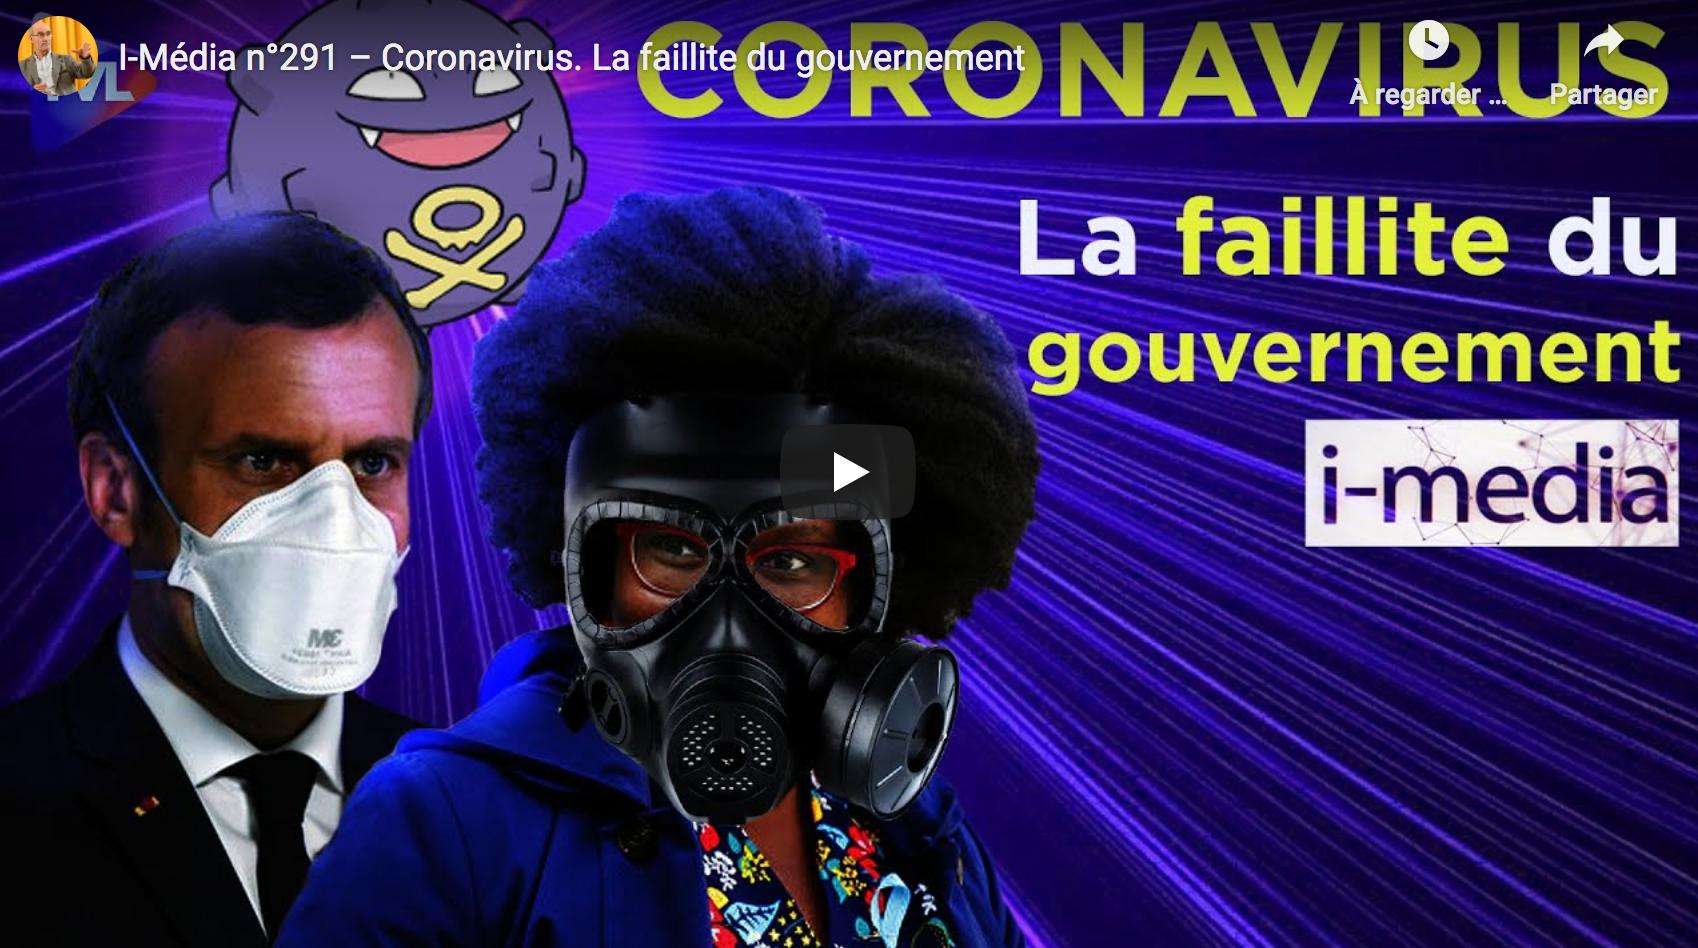 I-Média n°291 : Coronavirus. La faillite du gouvernement (VIDÉO)